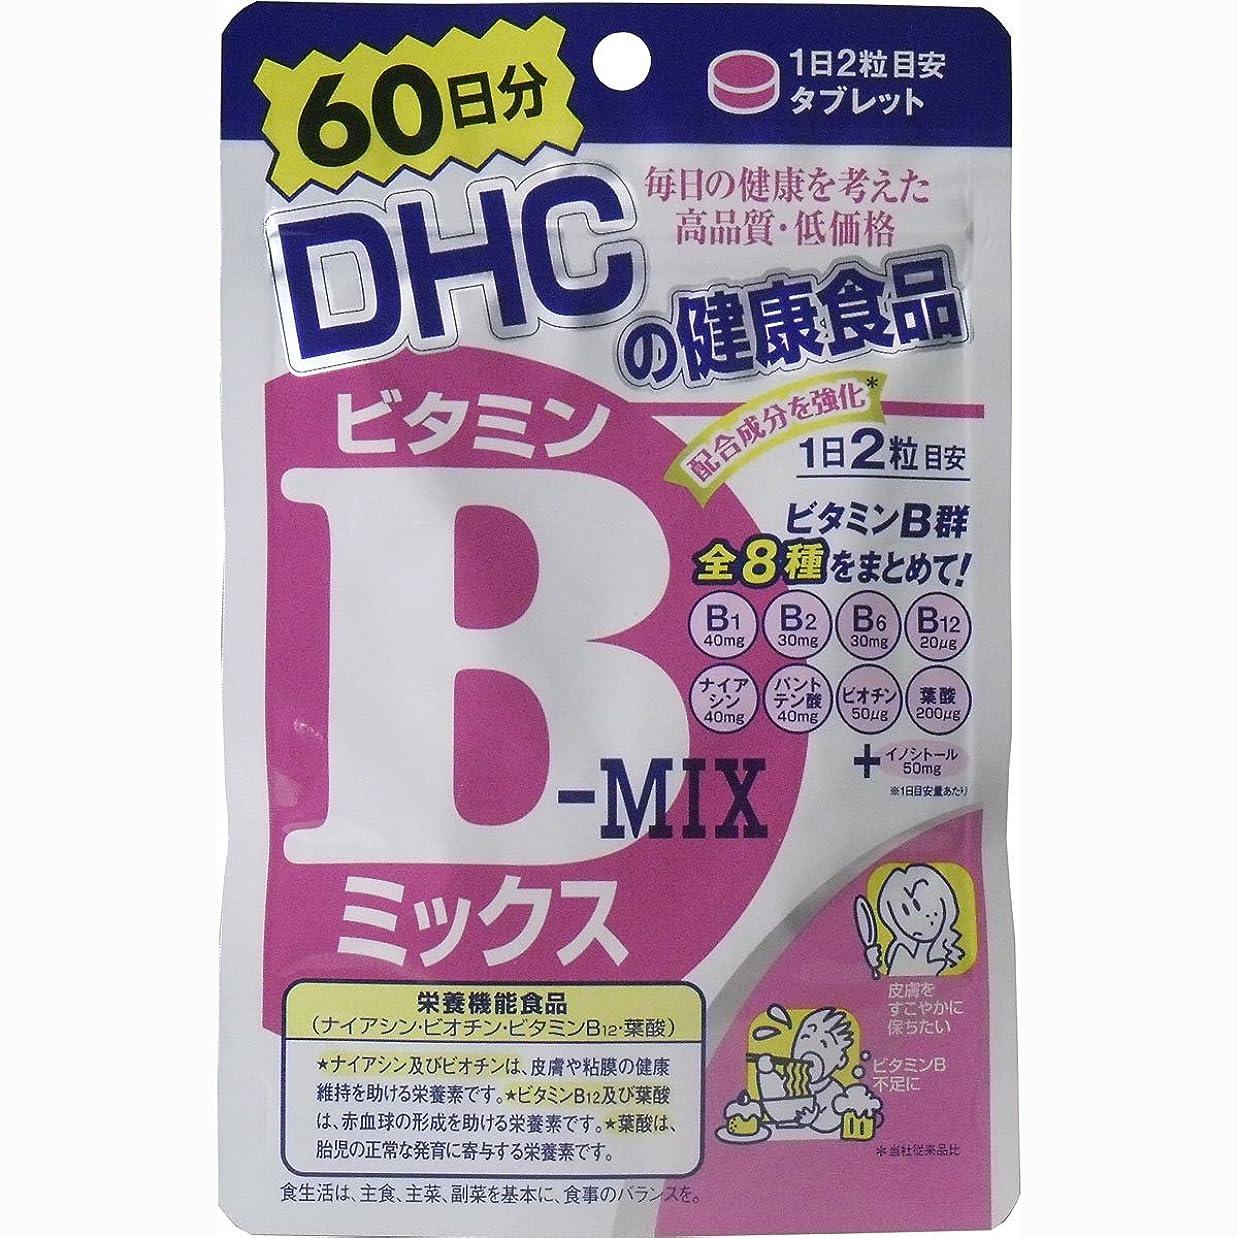 麻痺させる傘反毒DHC ビタミンBミックス 120粒 60日分「5点セット」